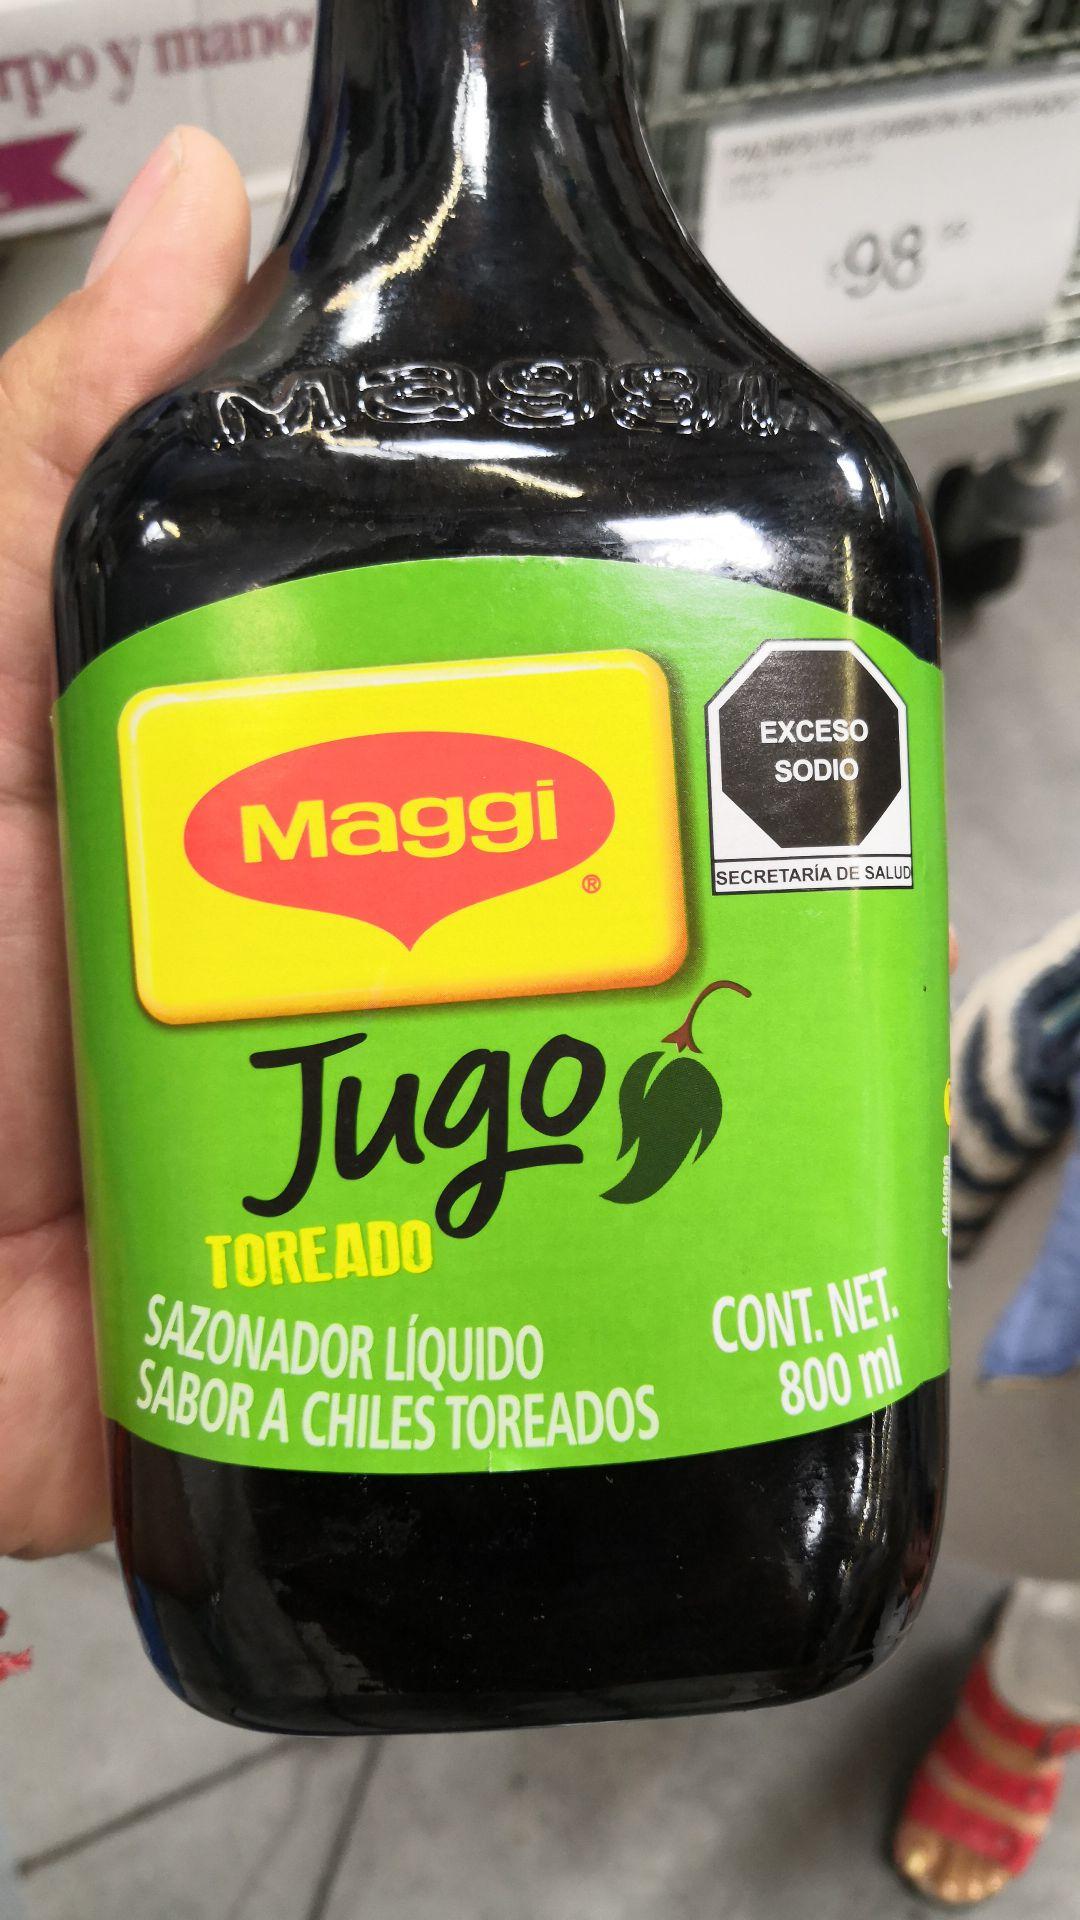 Sam's Club: Sadonador Jugó Maggi 800 ml.